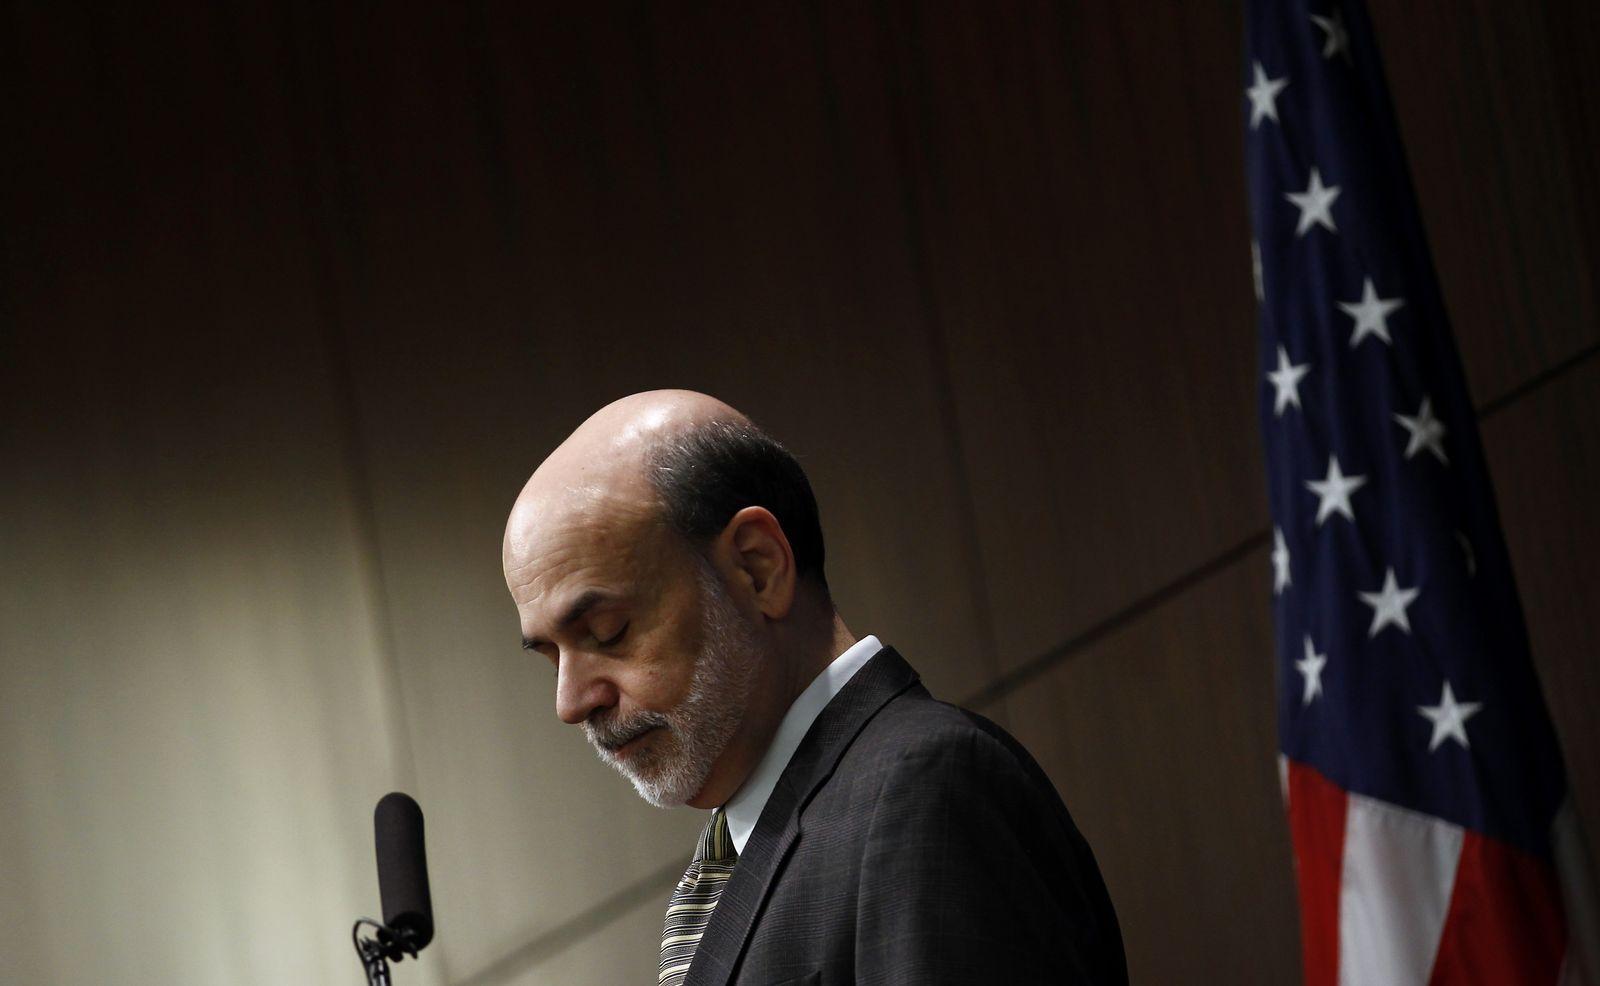 Chairman FED / Ben Bernanke / Federal Reserve